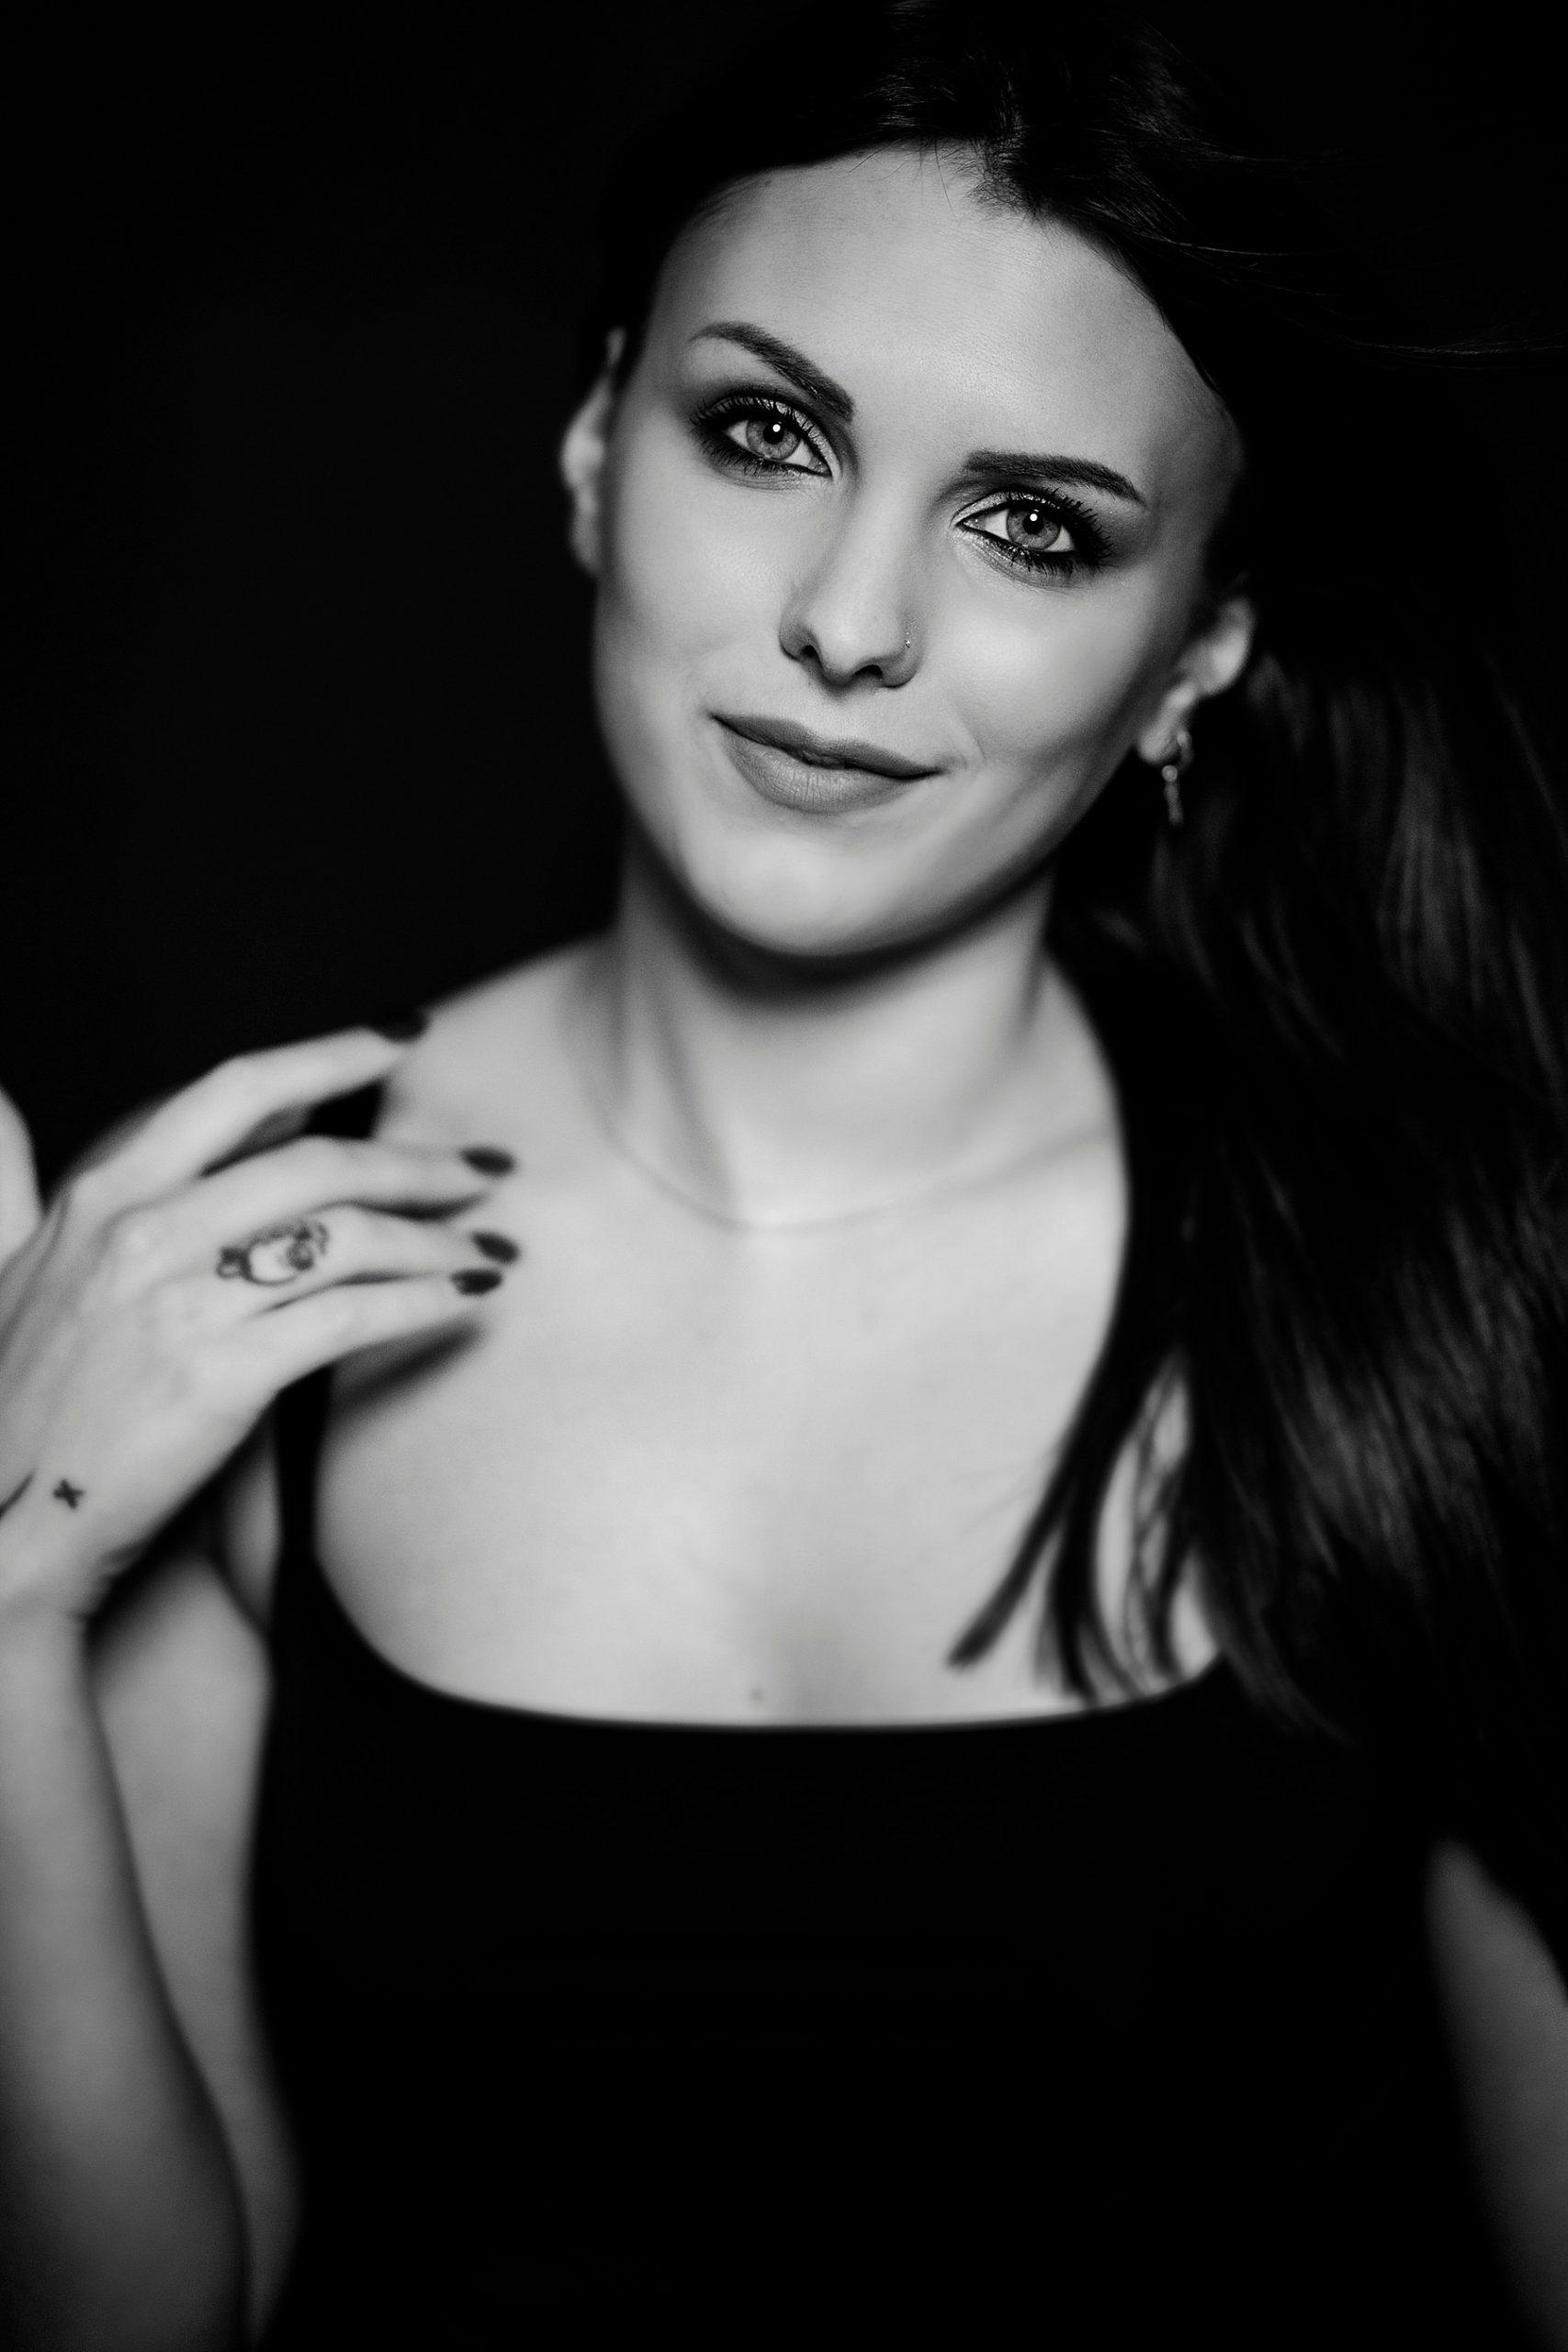 bellissimo ritratto in bianco e nero di bellissima ragazza con occhi chiari